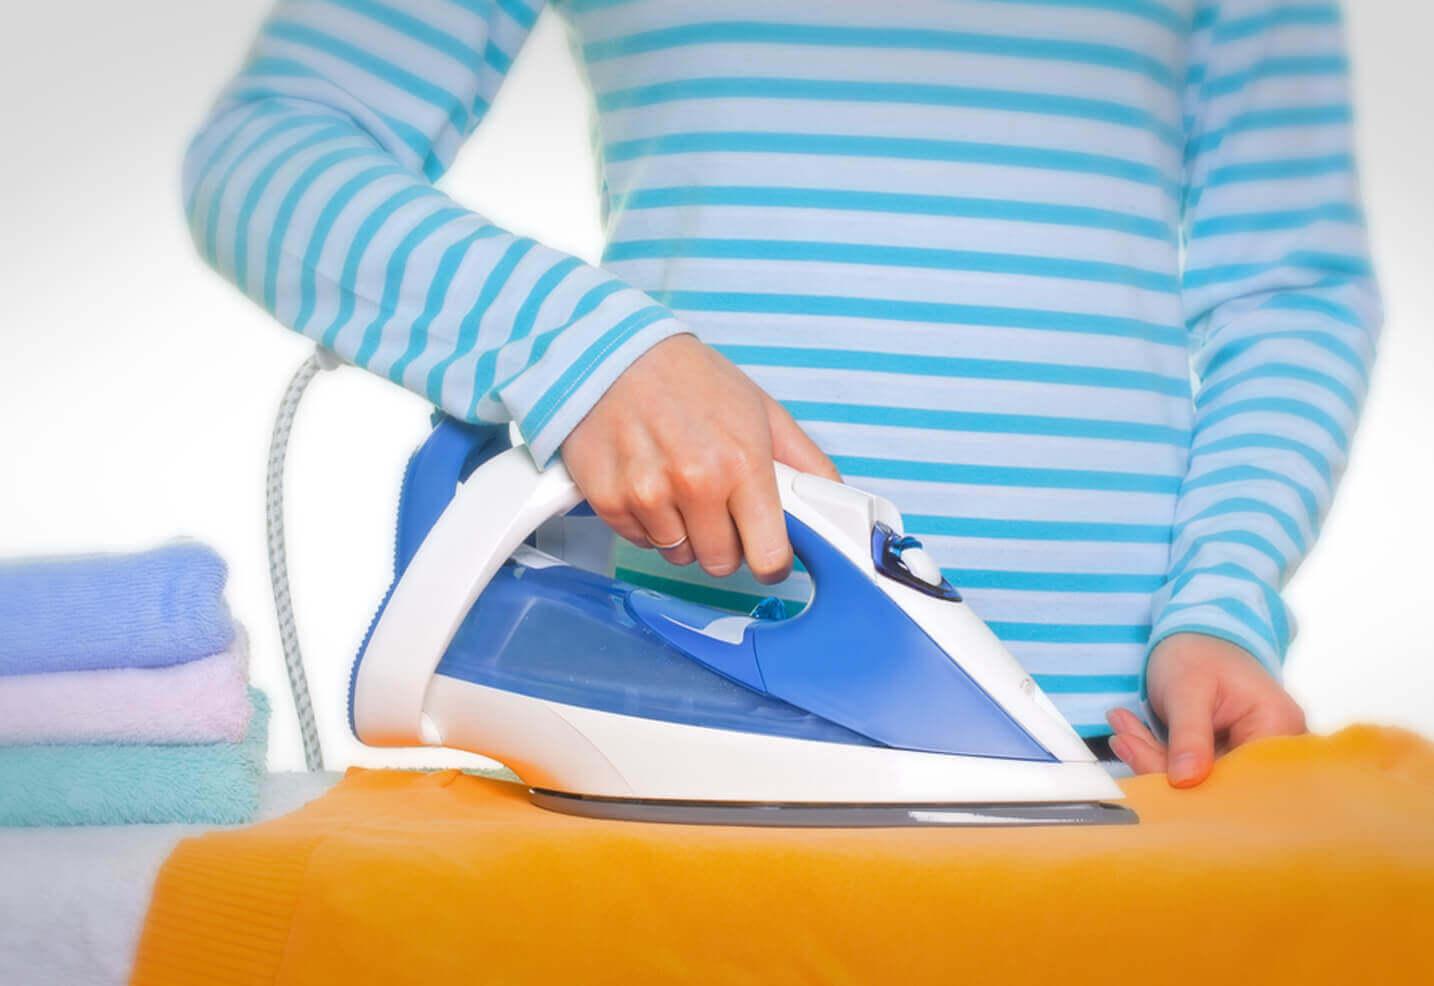 Πώς να καθαρίσετε το σίδερό σας όταν αρχίσει να κολλάει